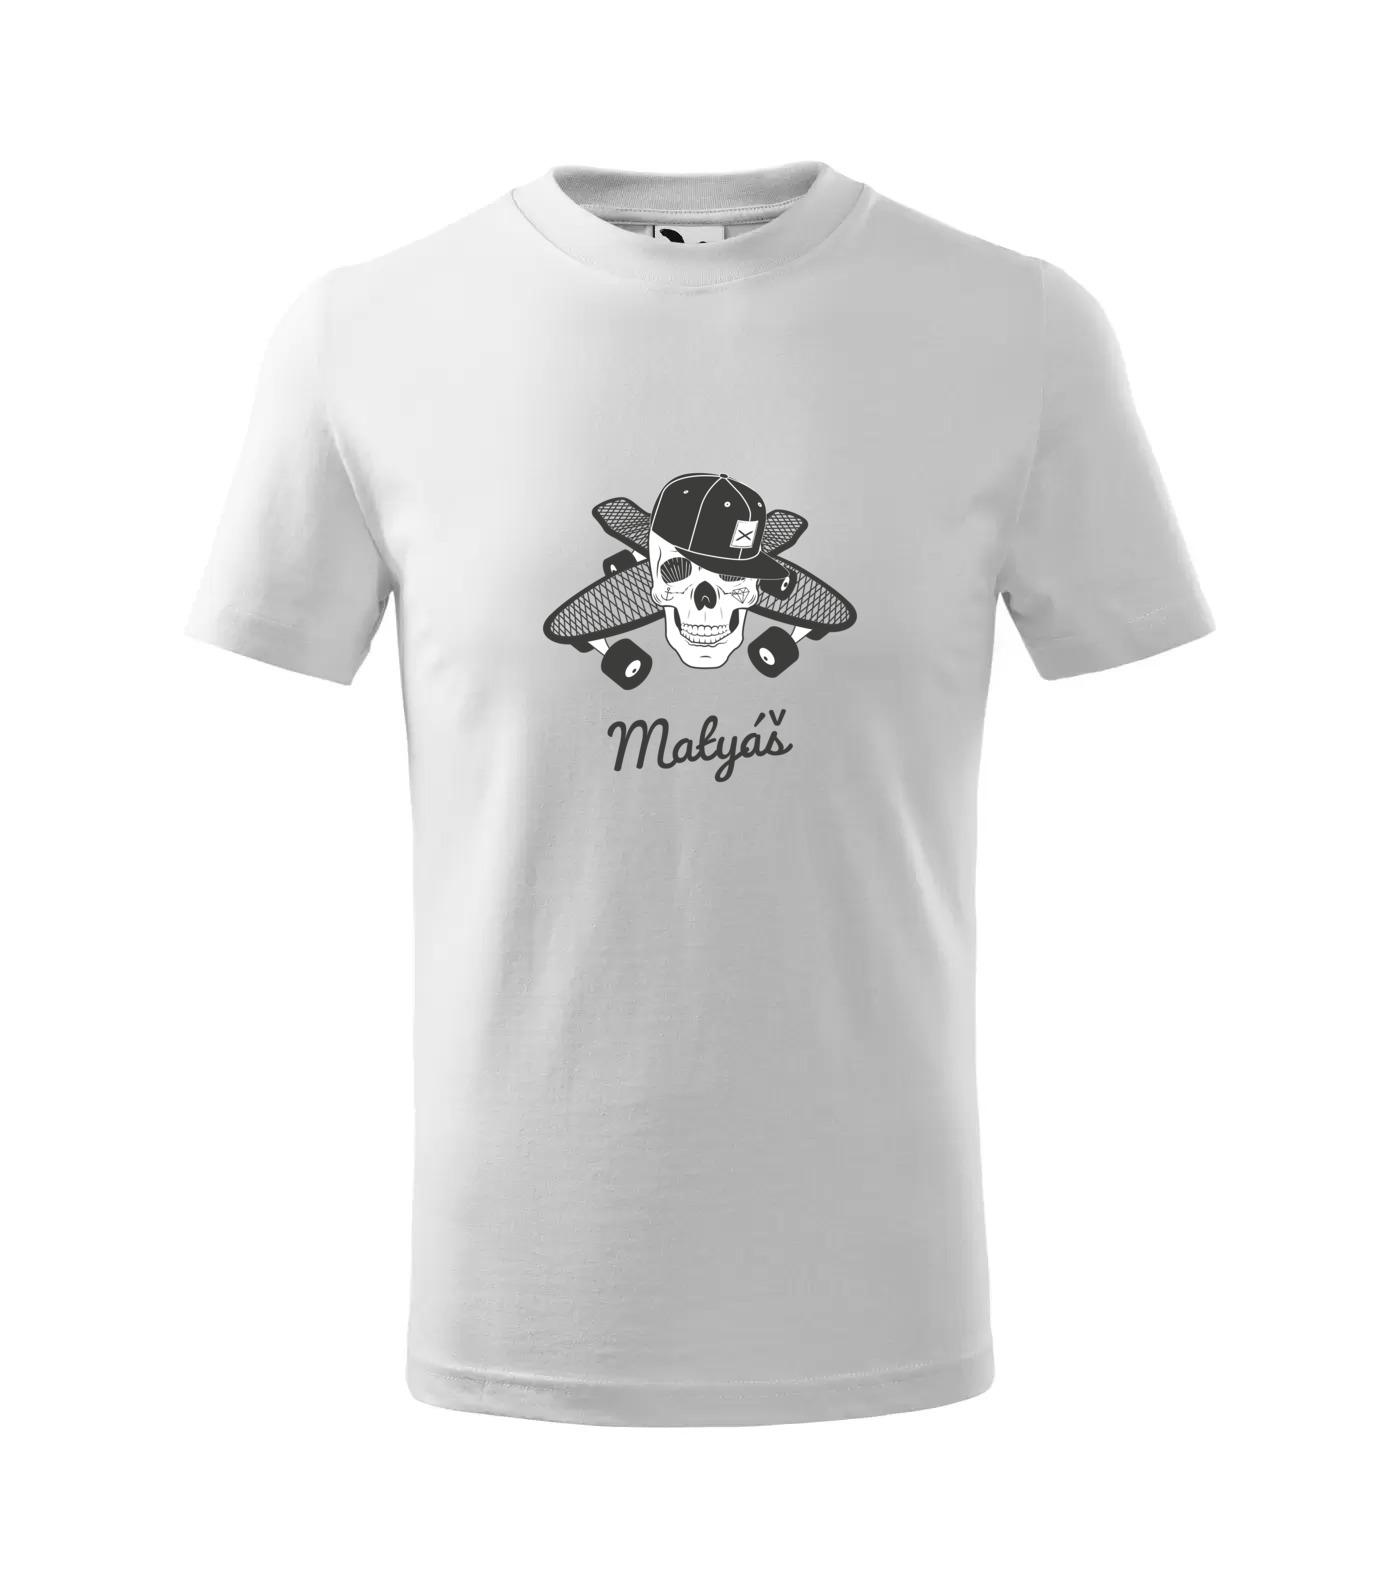 Tričko Skejťák Matyáš